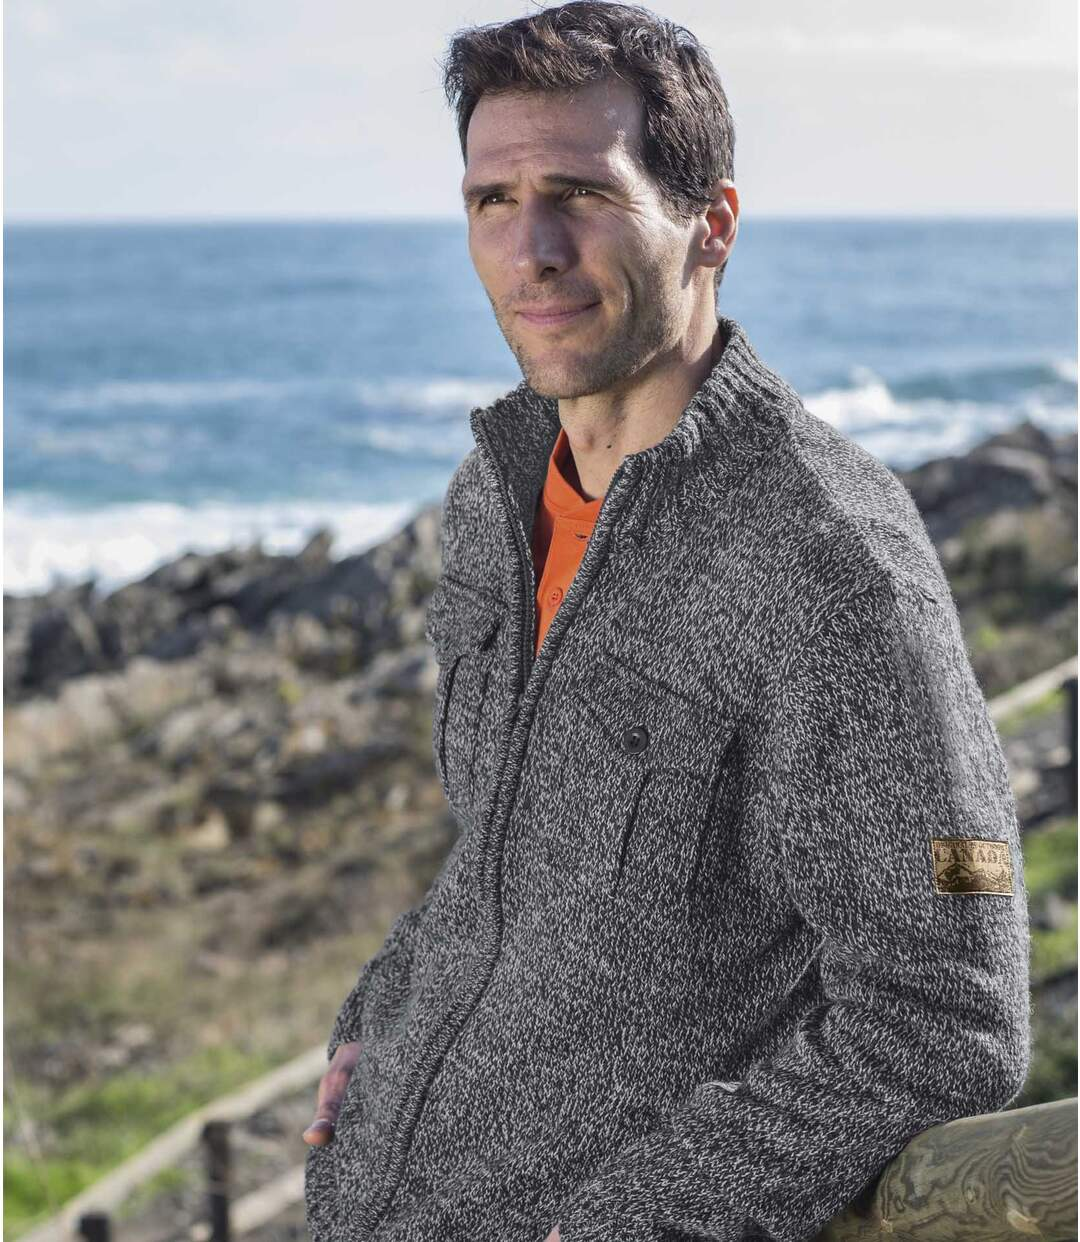 Pletený outdoorový svetr s dlouhým rukávem